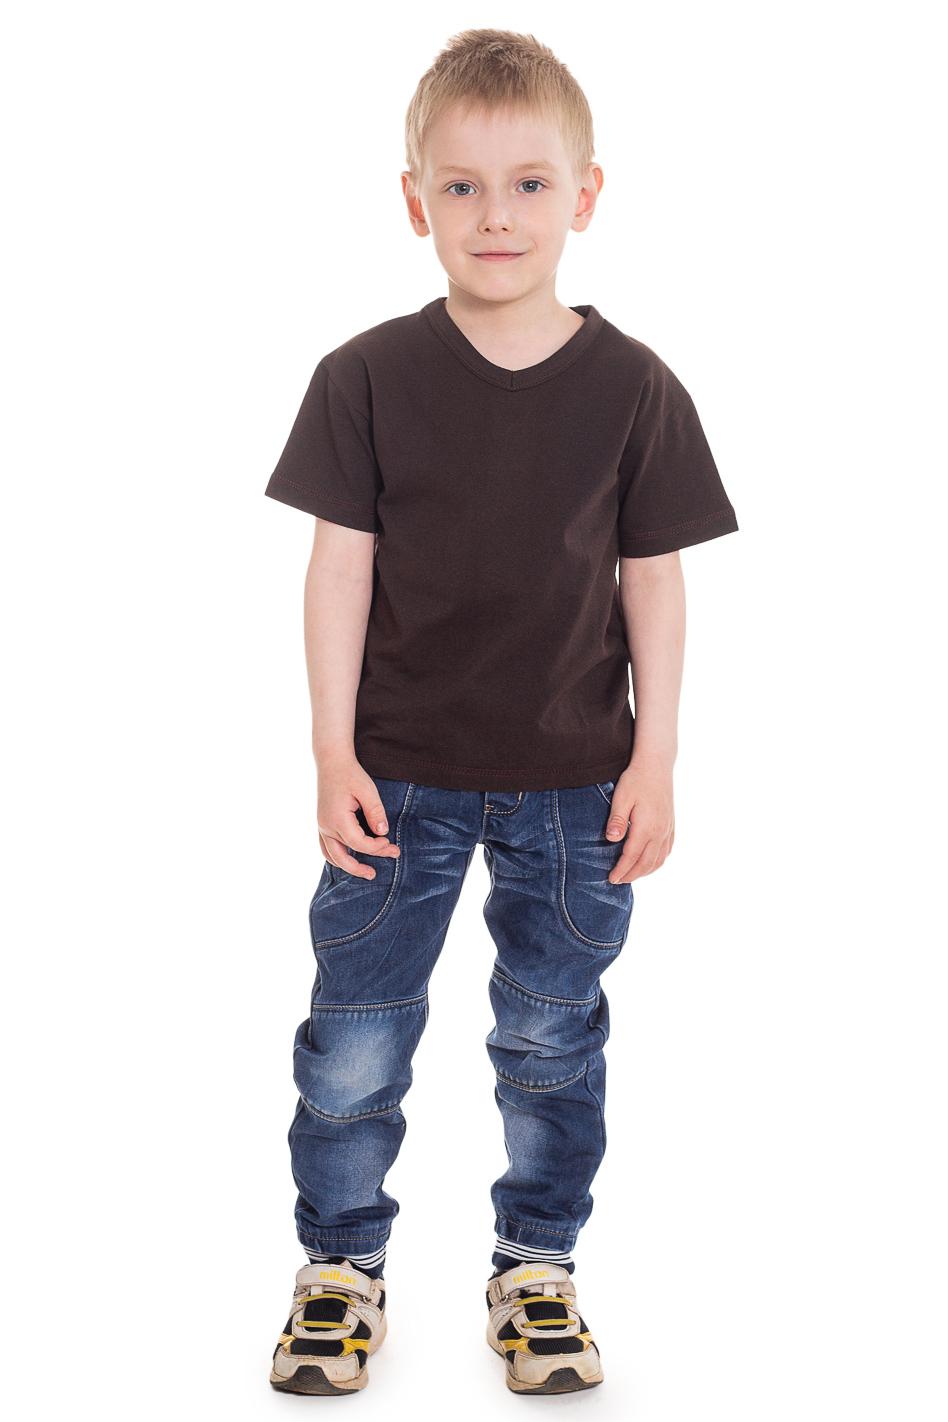 ФутболкаФутболки<br>Хлопковая футболка для мальчикаЦвет: коричневыйРазмер 74 соответствует росту 70-73 смРазмер 80 соответствует росту 74-80 смРазмер 86 соответствует росту 81-86 смРазмер 92 соответствует росту 87-92 смРазмер 98 соответствует росту 93-98 смРазмер 104 соответствует росту 98-104 смРазмер 110 соответствует росту 105-110 смРазмер 116 соответствует росту 111-116 смРазмер 122 соответствует росту 117-122 смРазмер 128 соответствует росту 123-128 смРазмер 134 соответствует росту 129-134 смРазмер 140 соответствует росту 135-140 смРазмер 146 соответствует росту 141-146 смРазмер 152 соответствует росту 147-152 смРазмер 158 соответствует росту 153-158 смРазмер 164 соответствует росту 159-164 см<br><br>Горловина: V- горловина<br>Рукав: Короткий рукав<br>Материал: Хлопковые<br>Образ: Повседневные,Спорт,Уличные<br>Рисунок: Однотонные<br>Сезон: Весна,Всесезон,Зима,Лето,Осень<br>Силуэт: Полуприталенные<br>Возраст: Ясельные ( от 1 до 3 лет),Дошкольные ( от 3 до 7 лет)<br>Размер : 104,110,116<br>Материал: Хлопок<br>Количество в наличии: 8